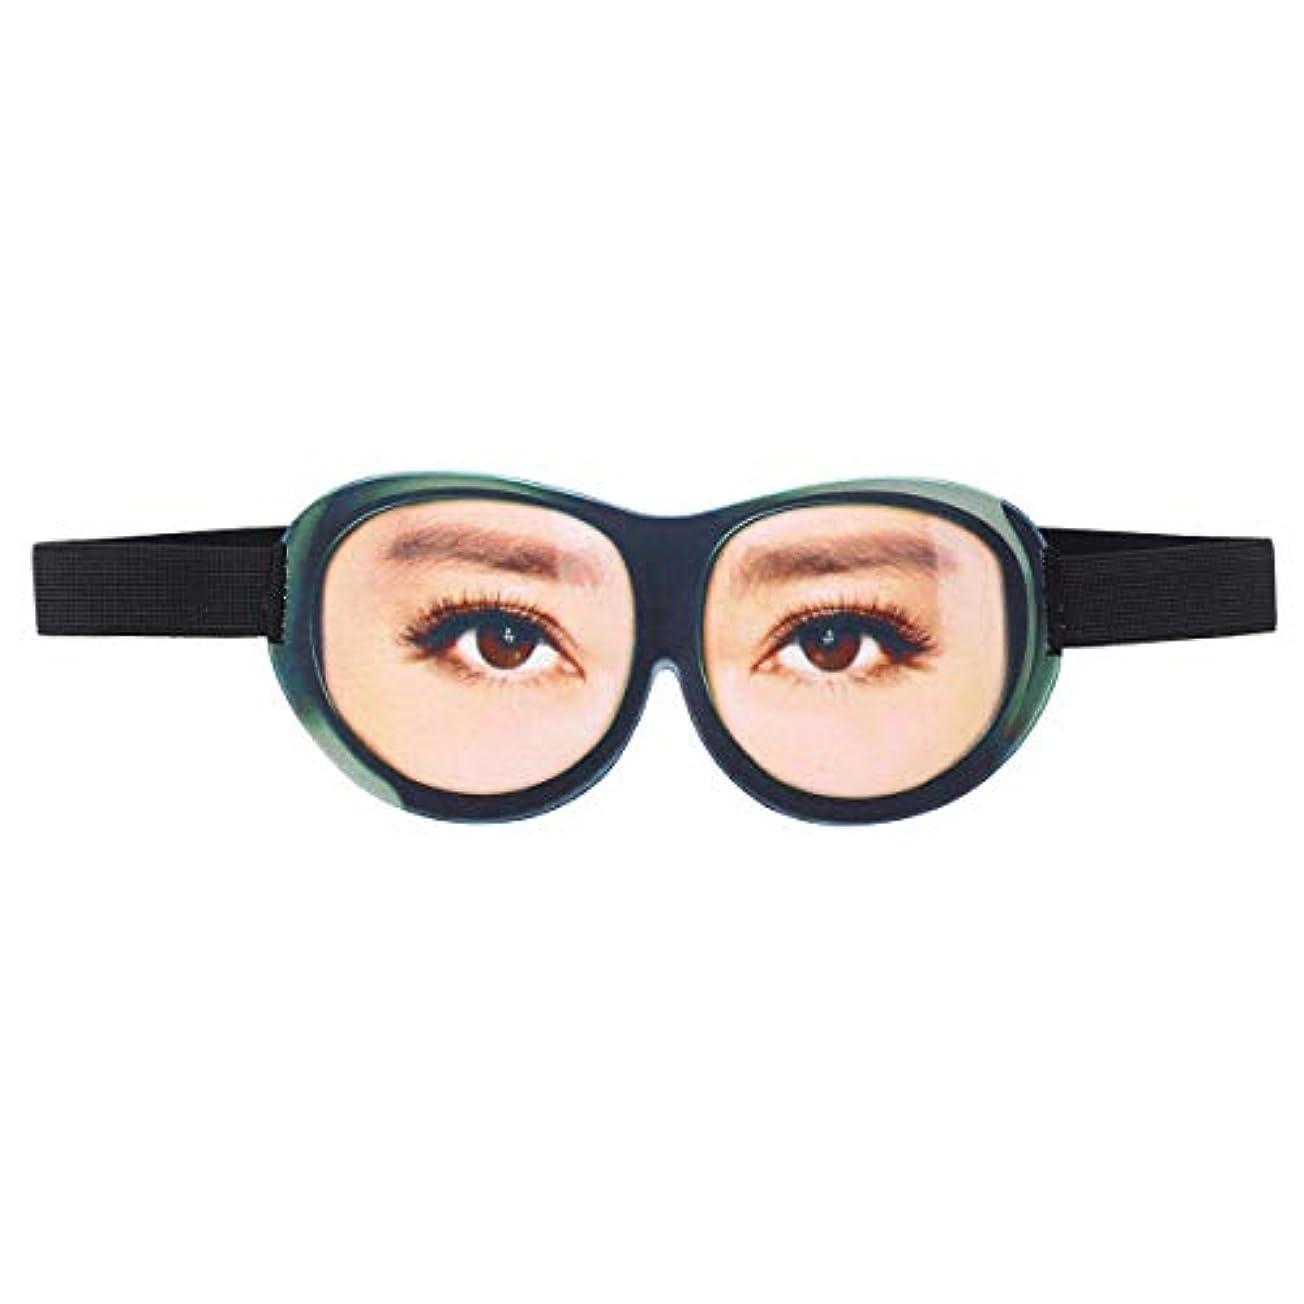 有限そんなに遮るHealifty 睡眠目隠し3D面白いアイシェード通気性睡眠マスク旅行睡眠ヘルパーアイシェード用男性と女性